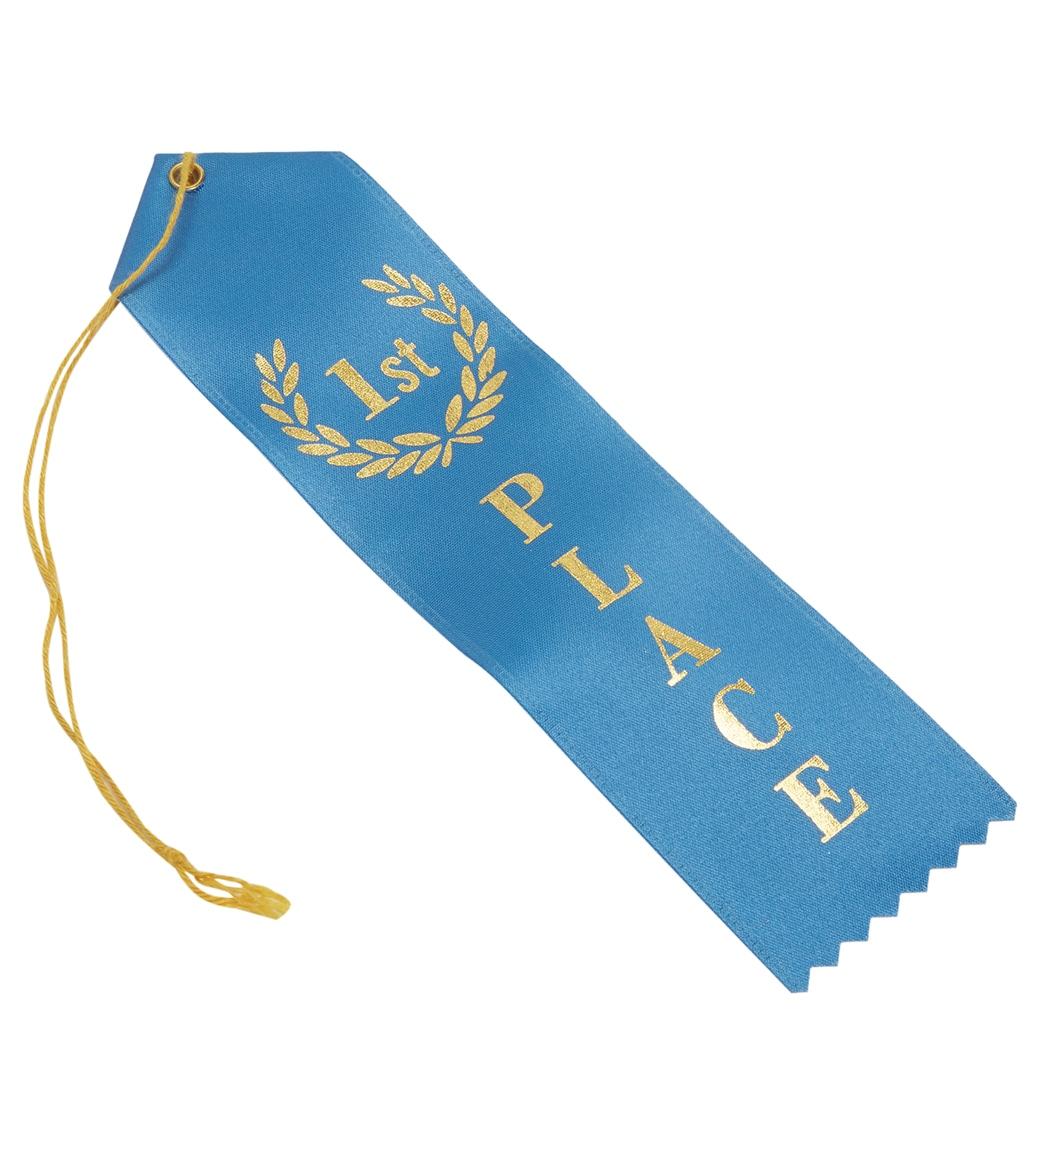 Stock Award Ribbon At Swimoutlet